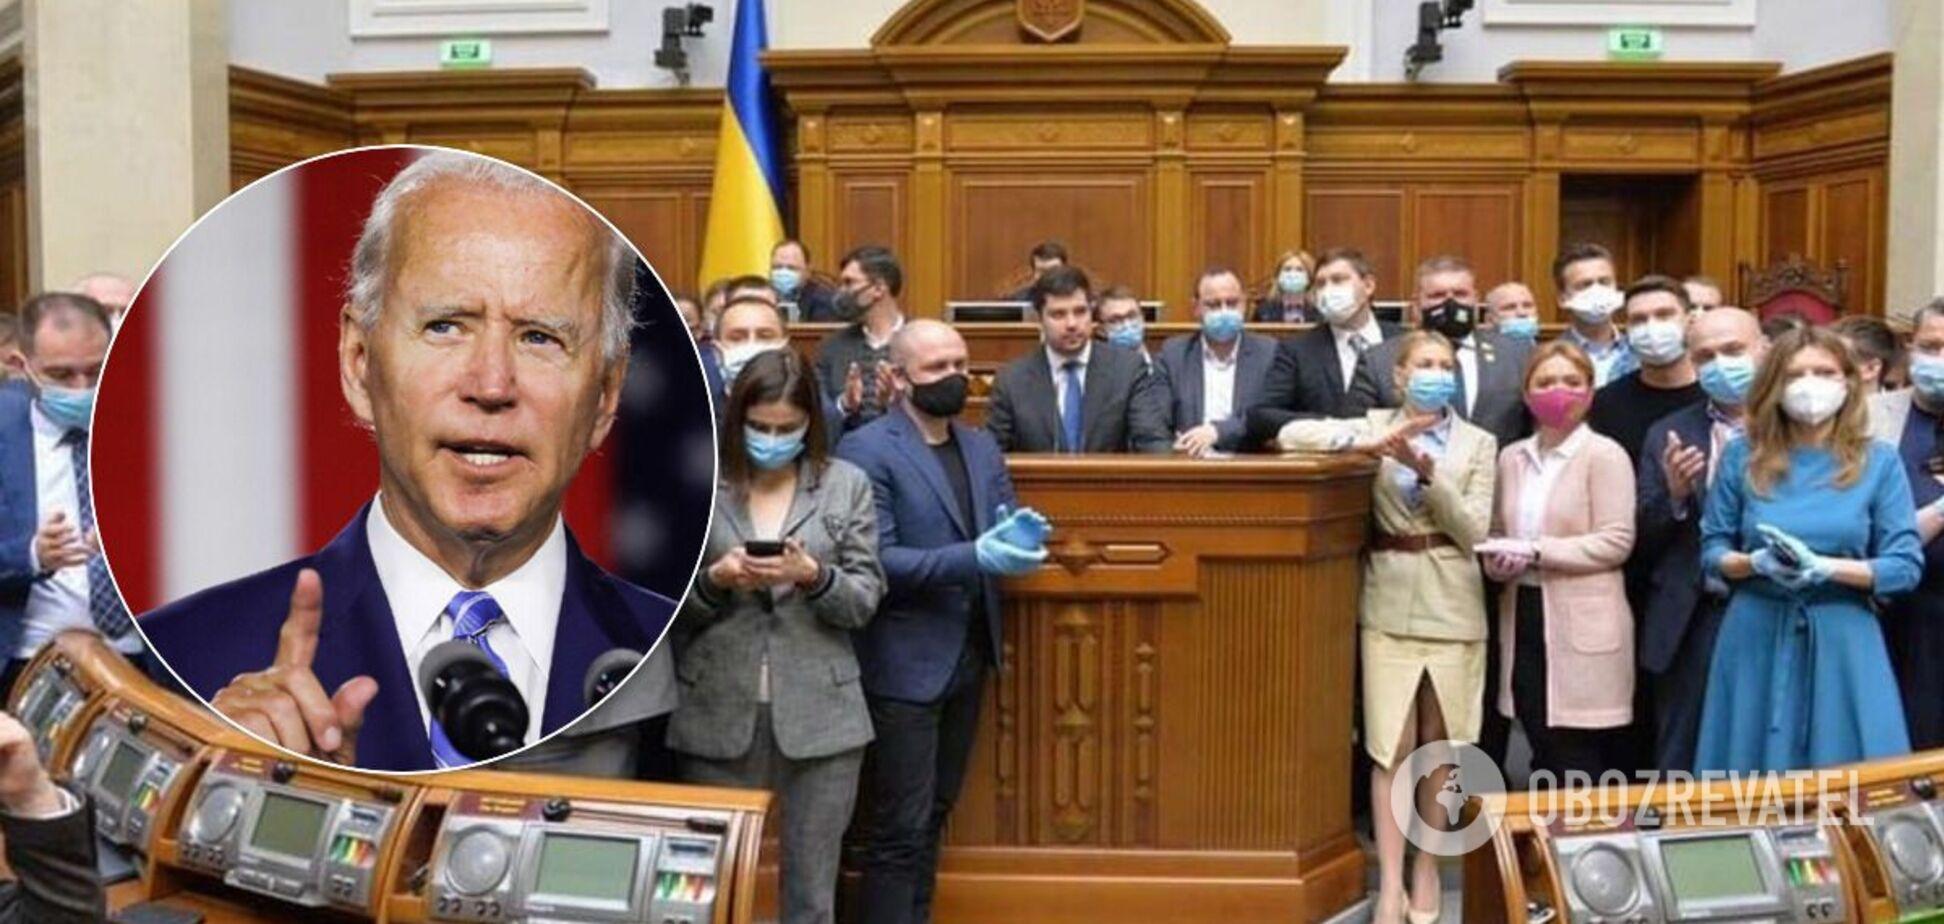 Байден, дипломатия и 'группа буйных' украинского парламента